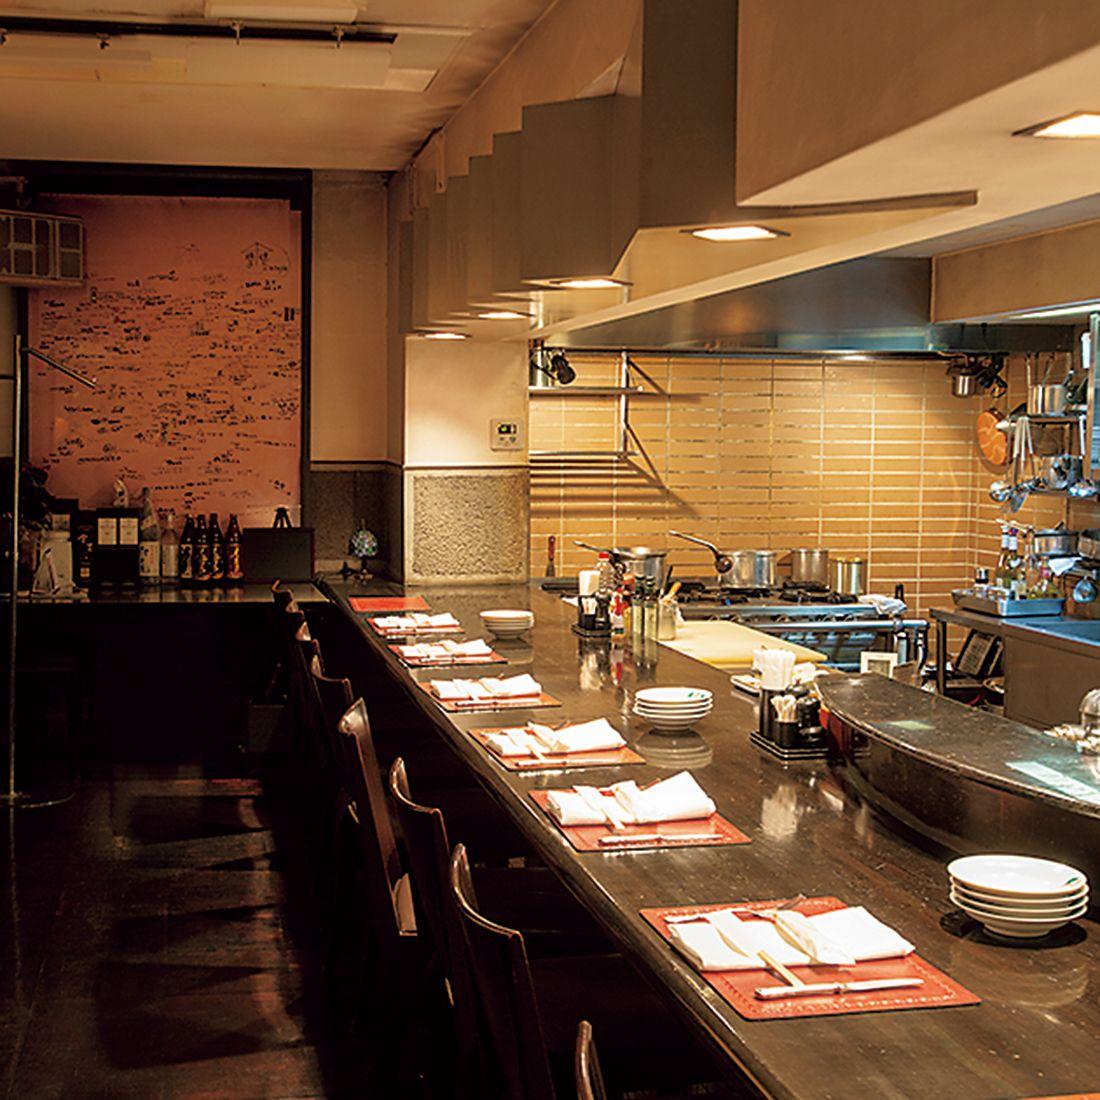 日本初ではないかといわれるオープンキッチンのカウンターがメイン。